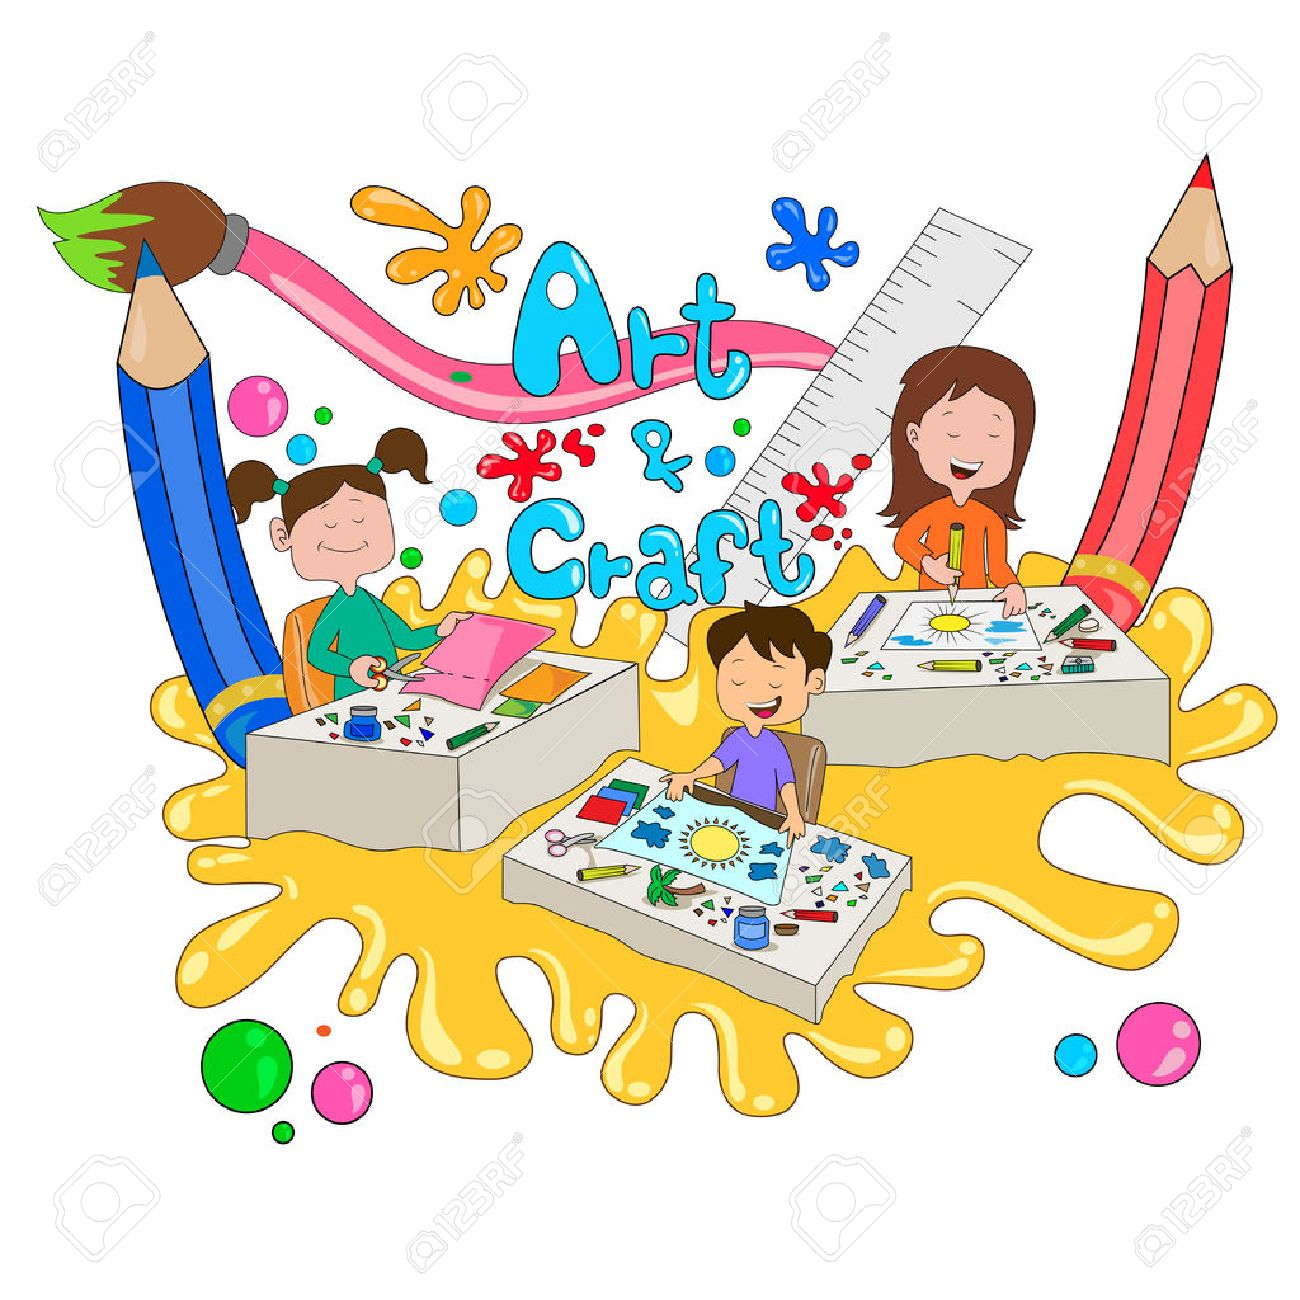 Children enjoying summer camp art and craft activities in vector - 54406070